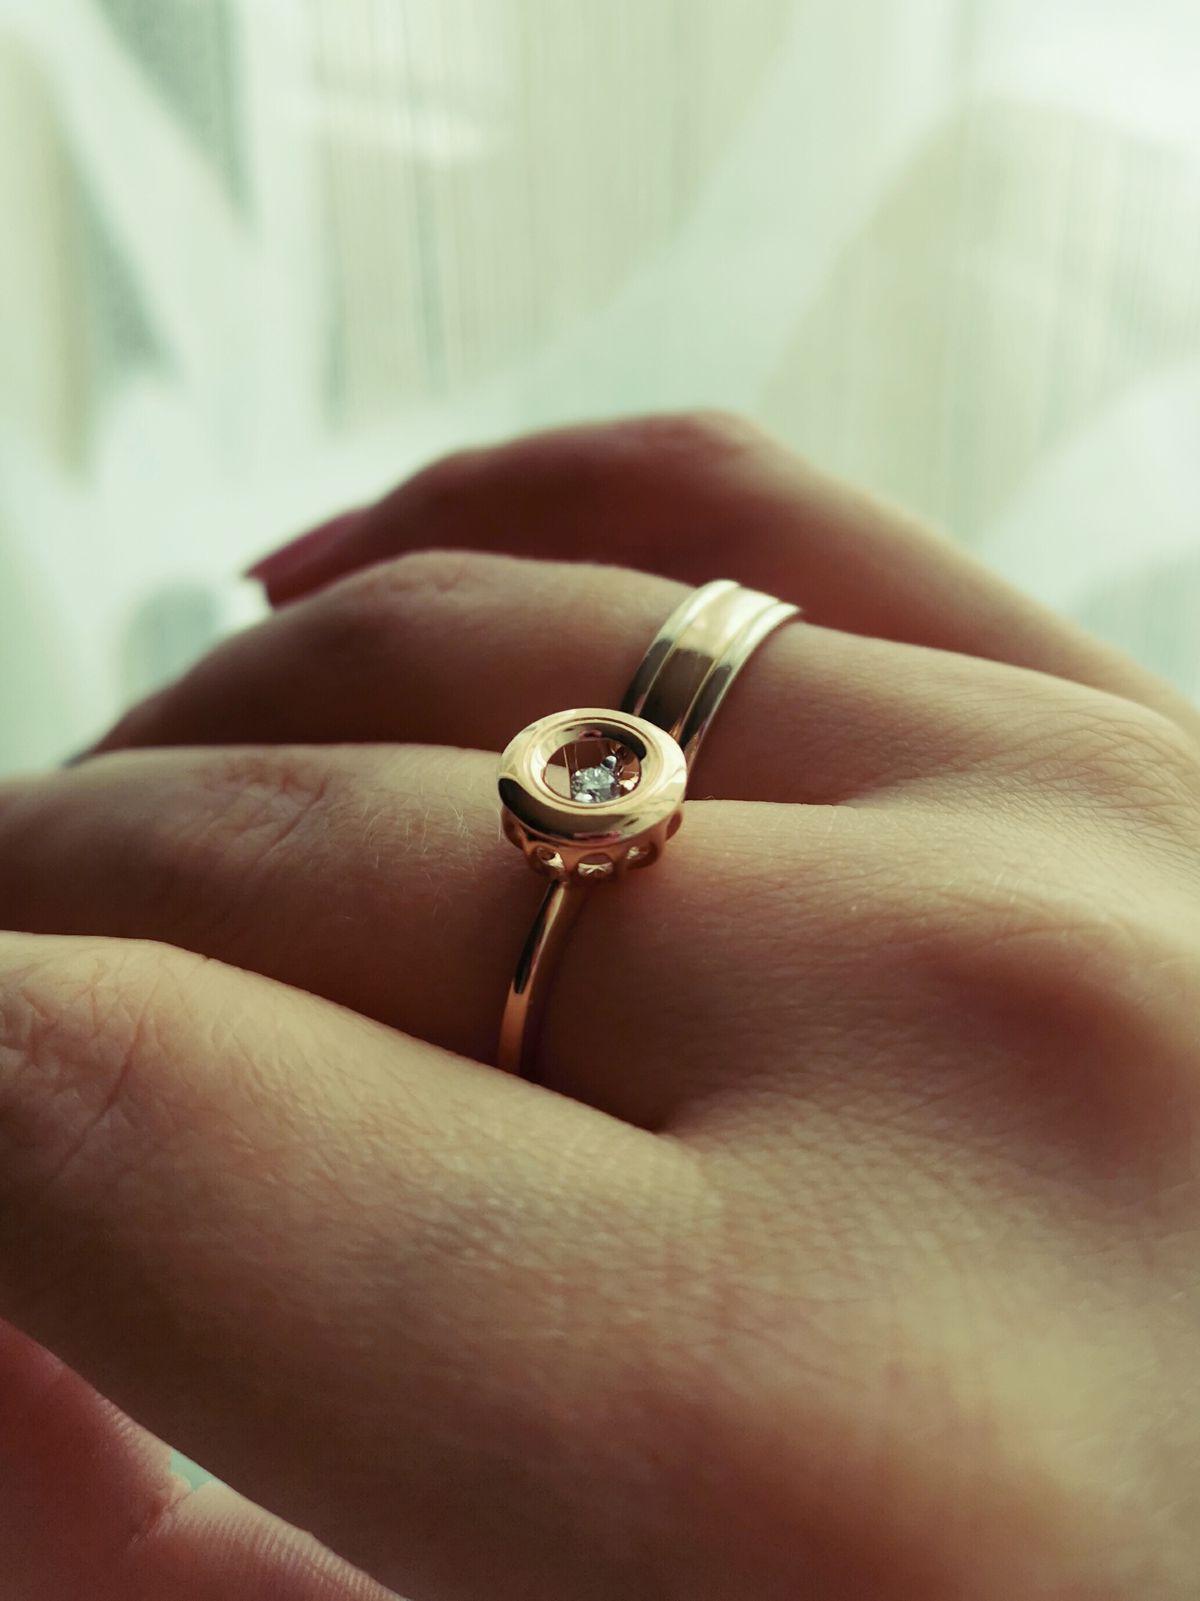 Супер оригинальное кольцо!